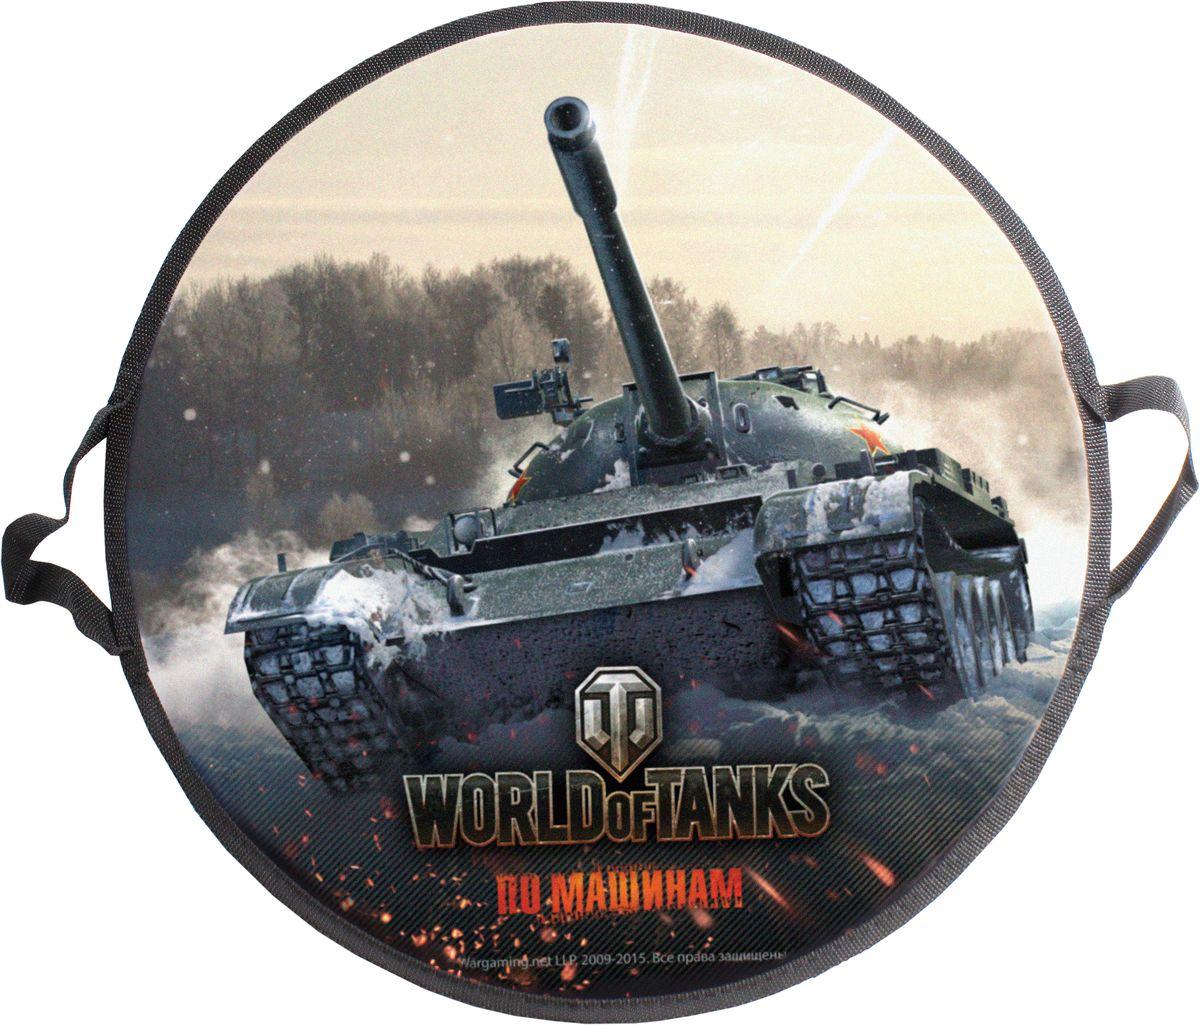 Ледянка 1TOY World of Tanks, цвет: темно-серый, диаметр 52 смТ58480Ледянка World of Tanks, размер 52 см, круглая. Ледянка для любителей зимних спортивных развлечений с героями любимого мультфильма. Ледянка подарит много радостных моментов Вашему малышу. Ледянка красочно оформлена с персонажами любимого фильма, она легкая.